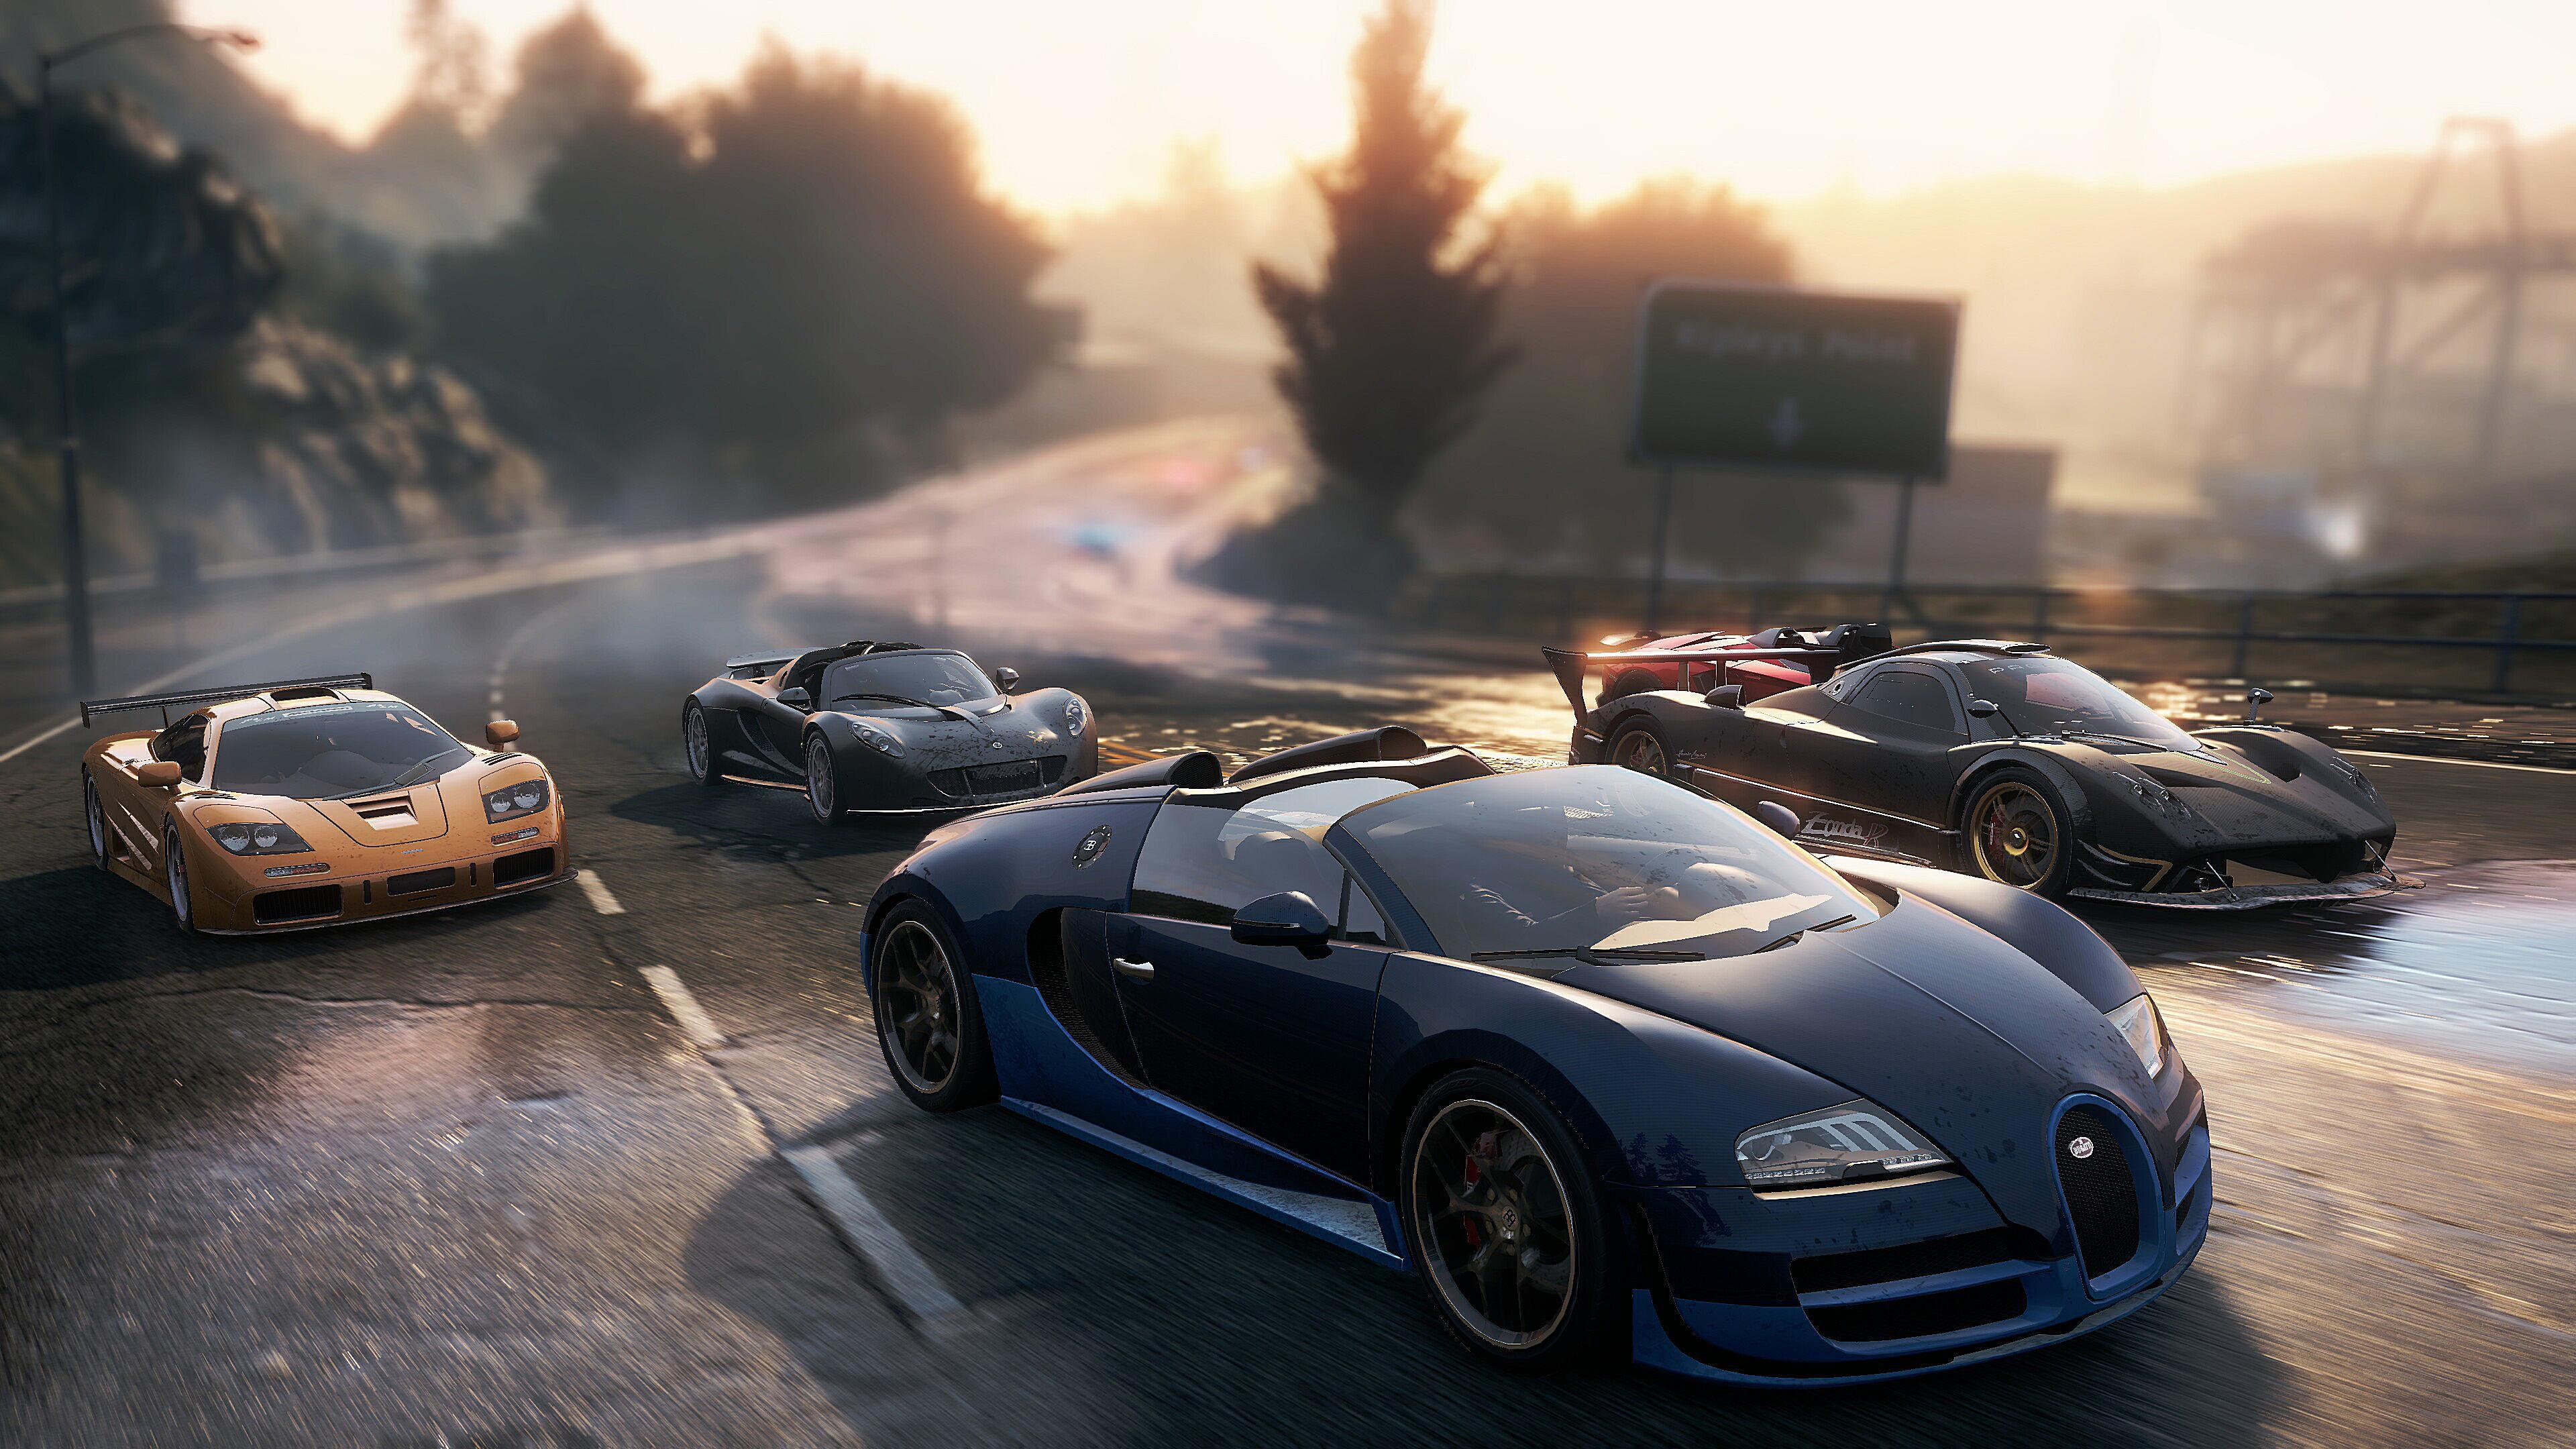 NeedForSpeedMostWanted-580702c75f9b5805c2f58685 Wonderful Bugatti Veyron Xbox 360 Games Cars Trend